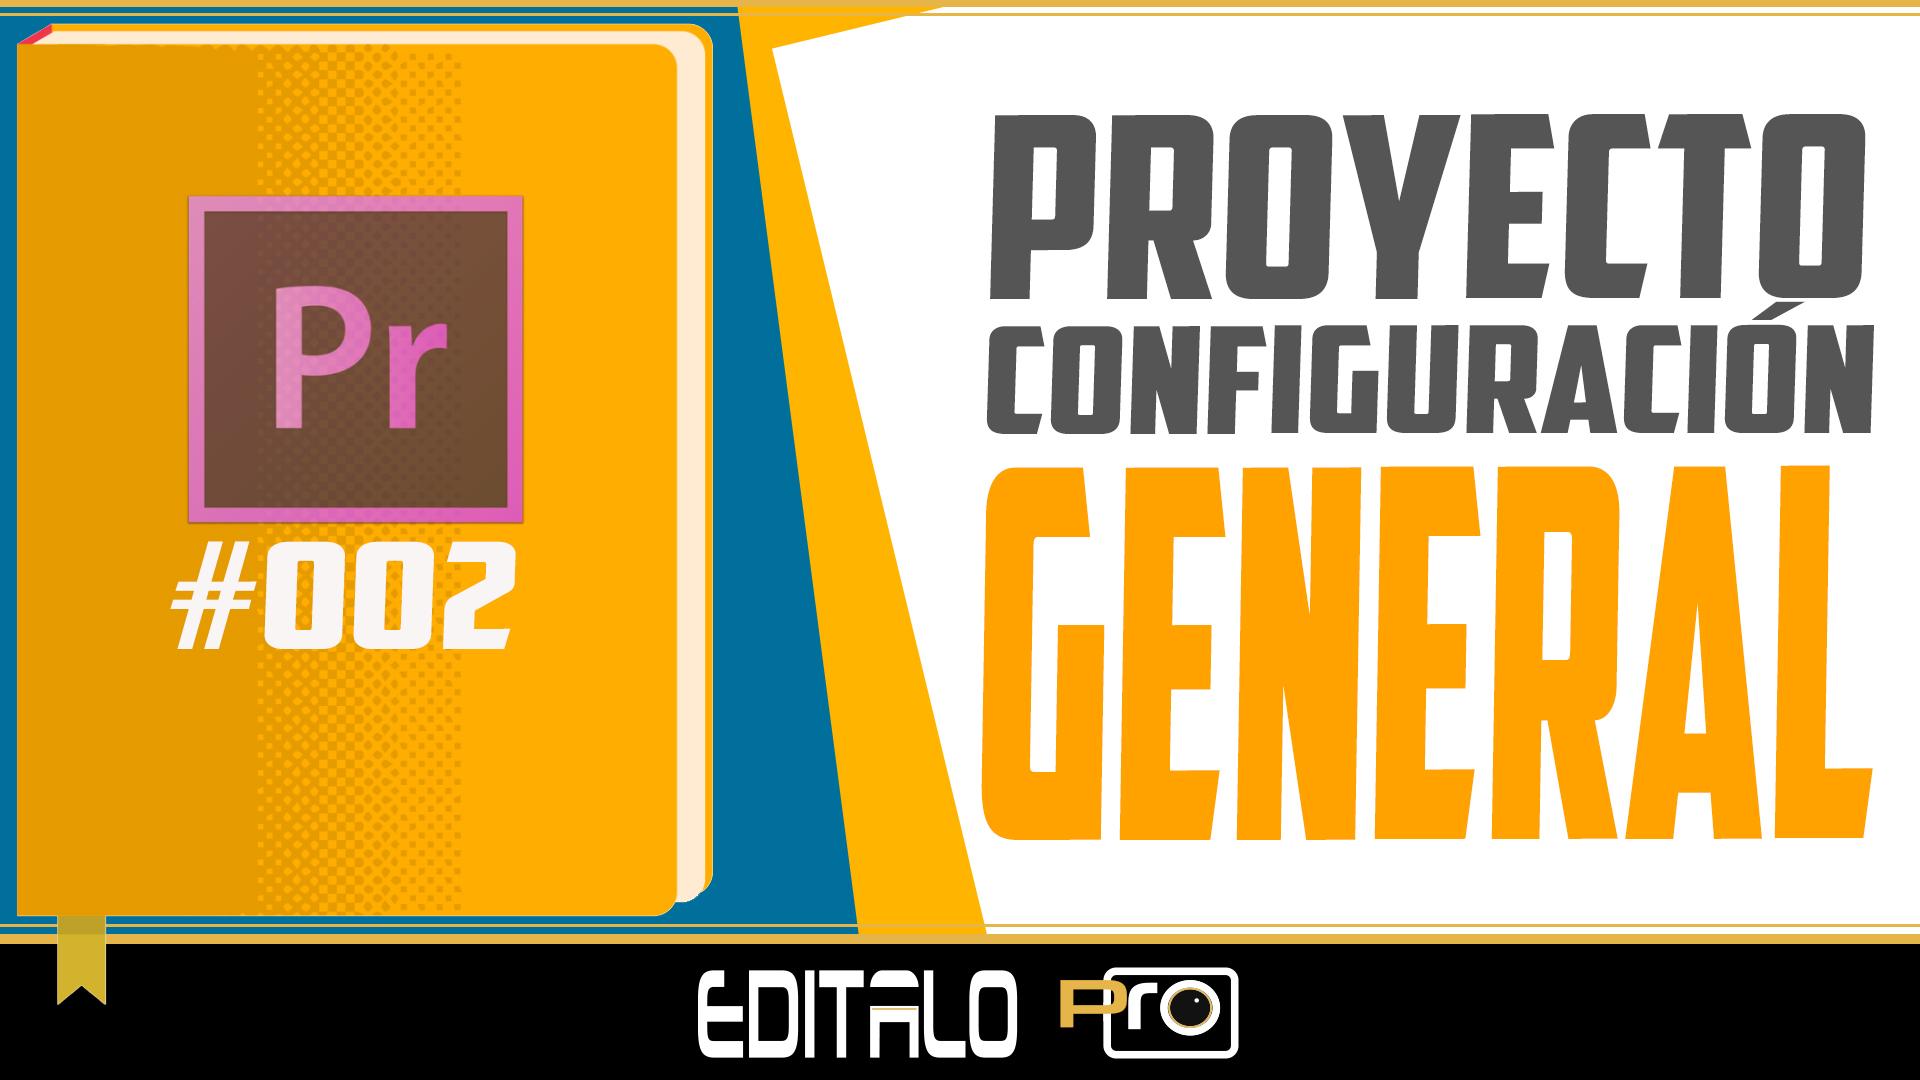 Proyecto Configuracion General editalo pro